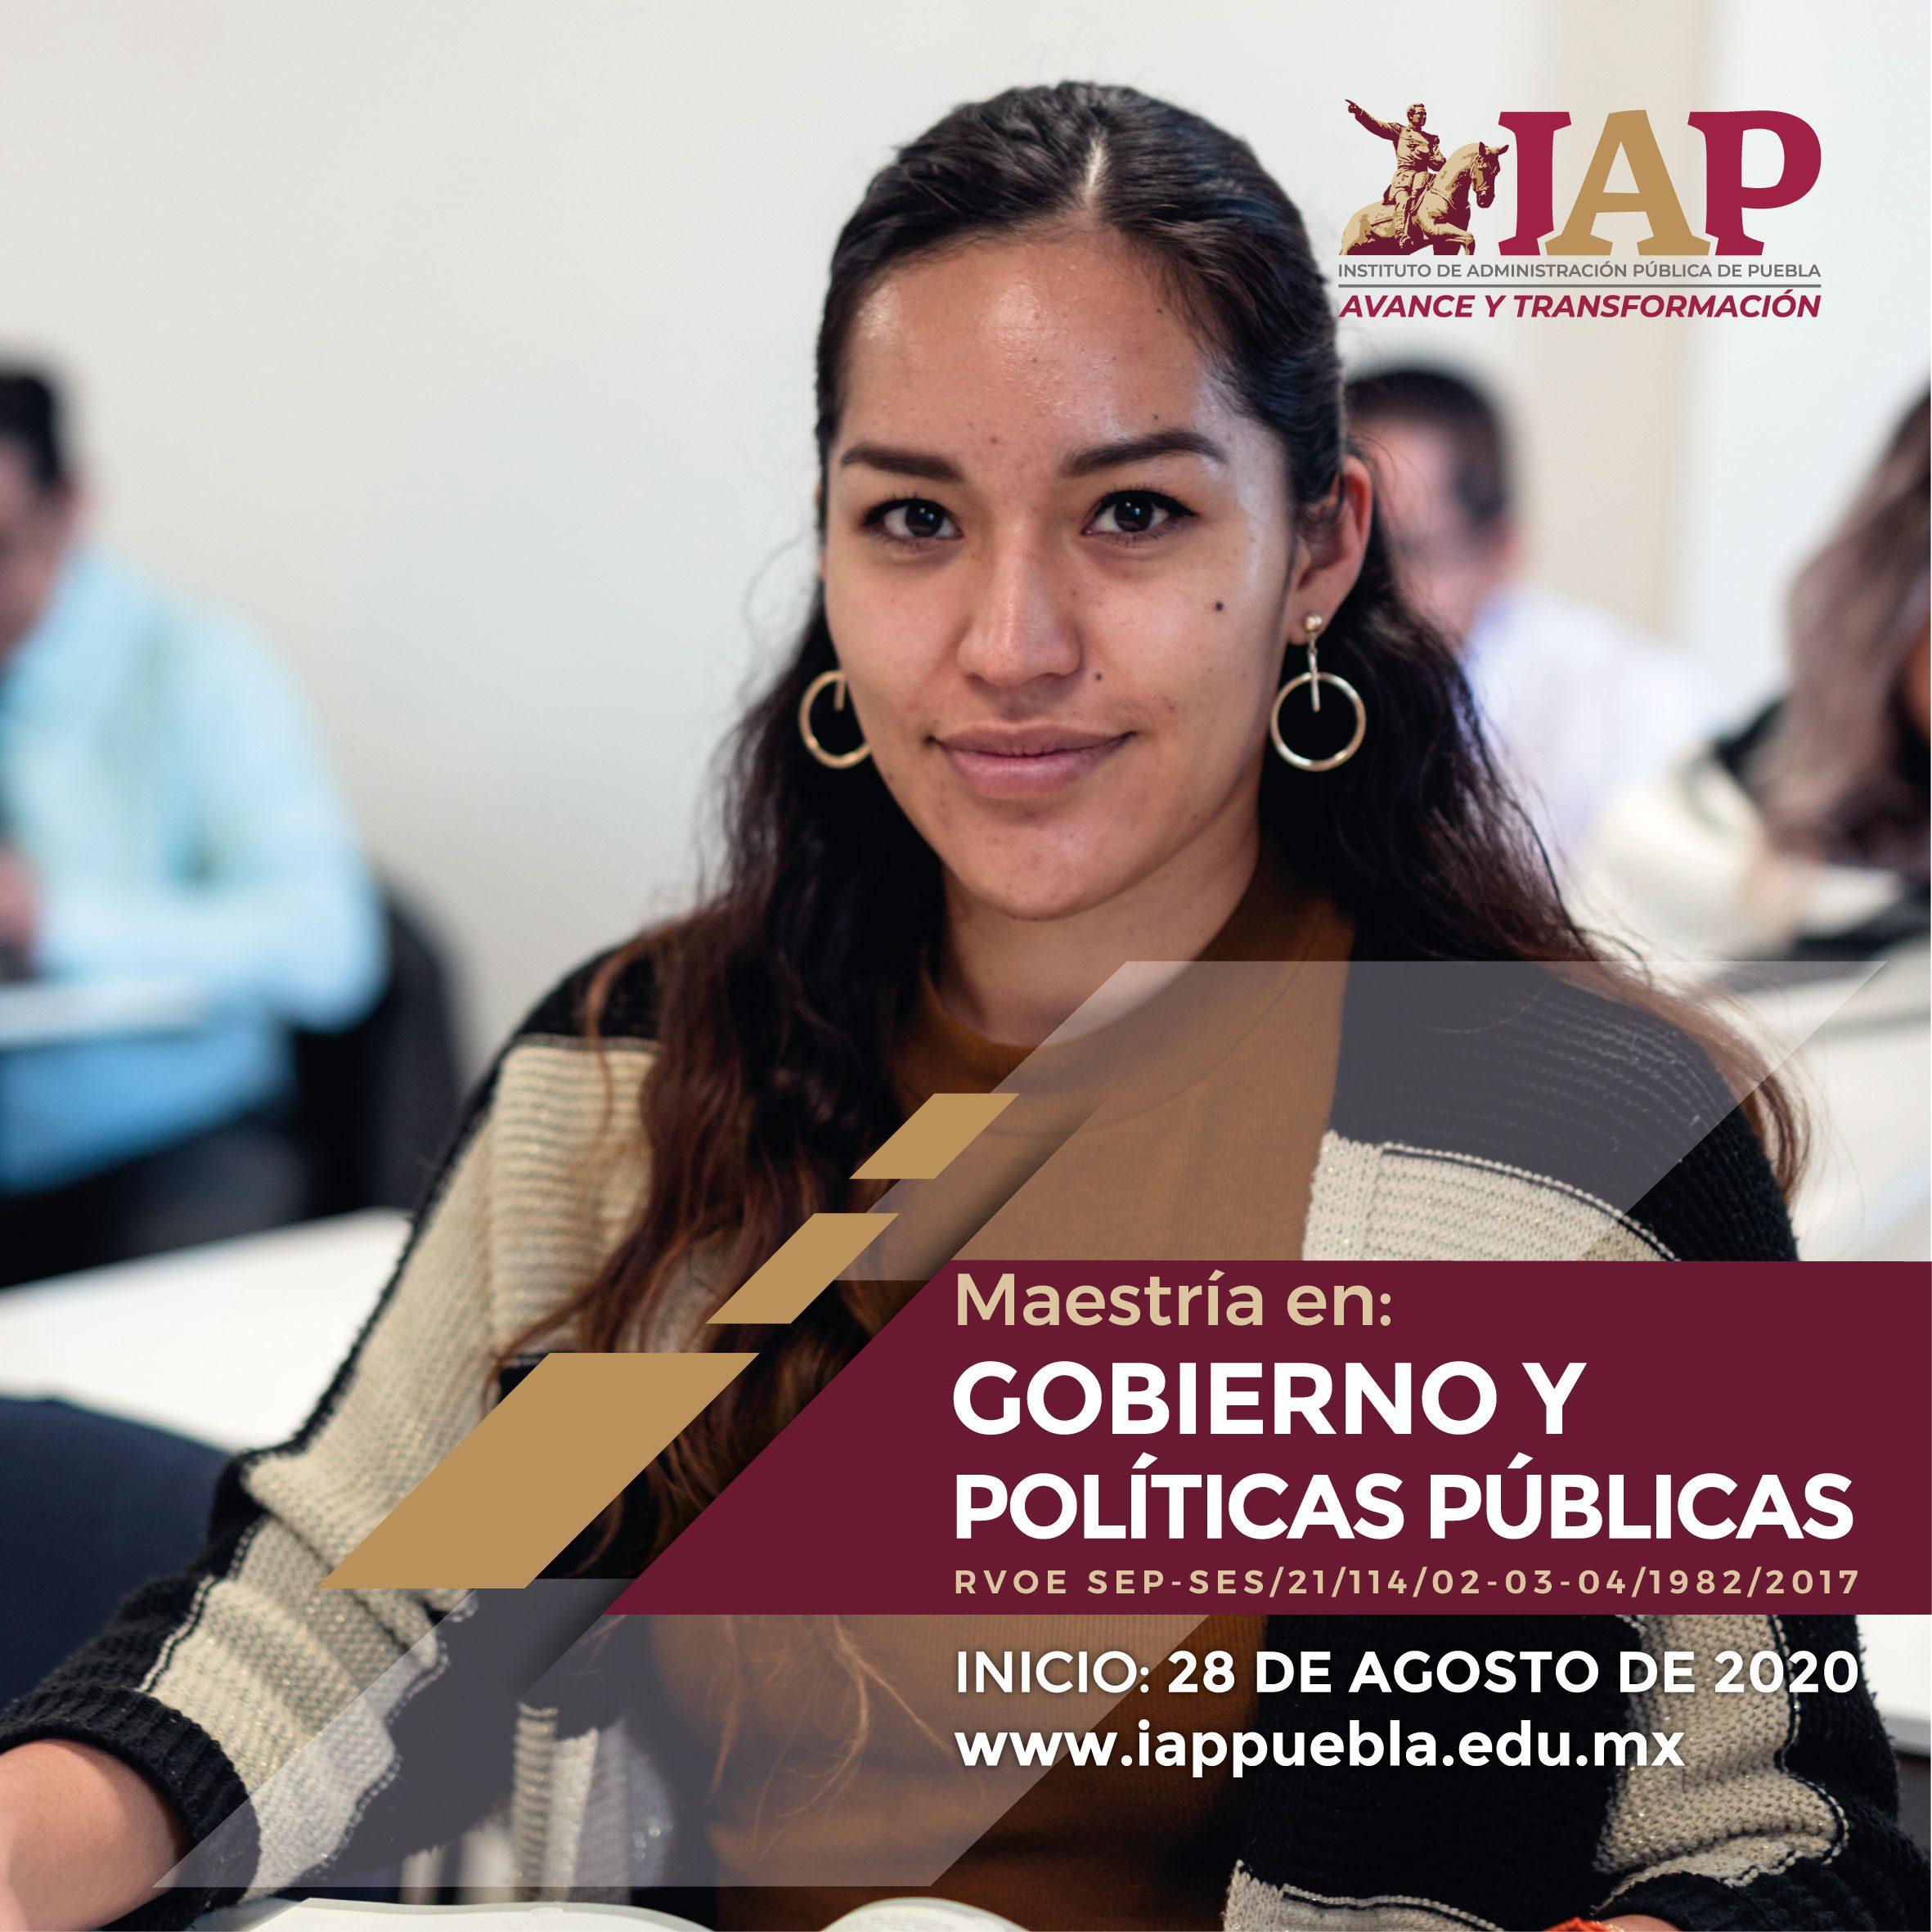 Maestría en Gobierno y Políticas Públicas